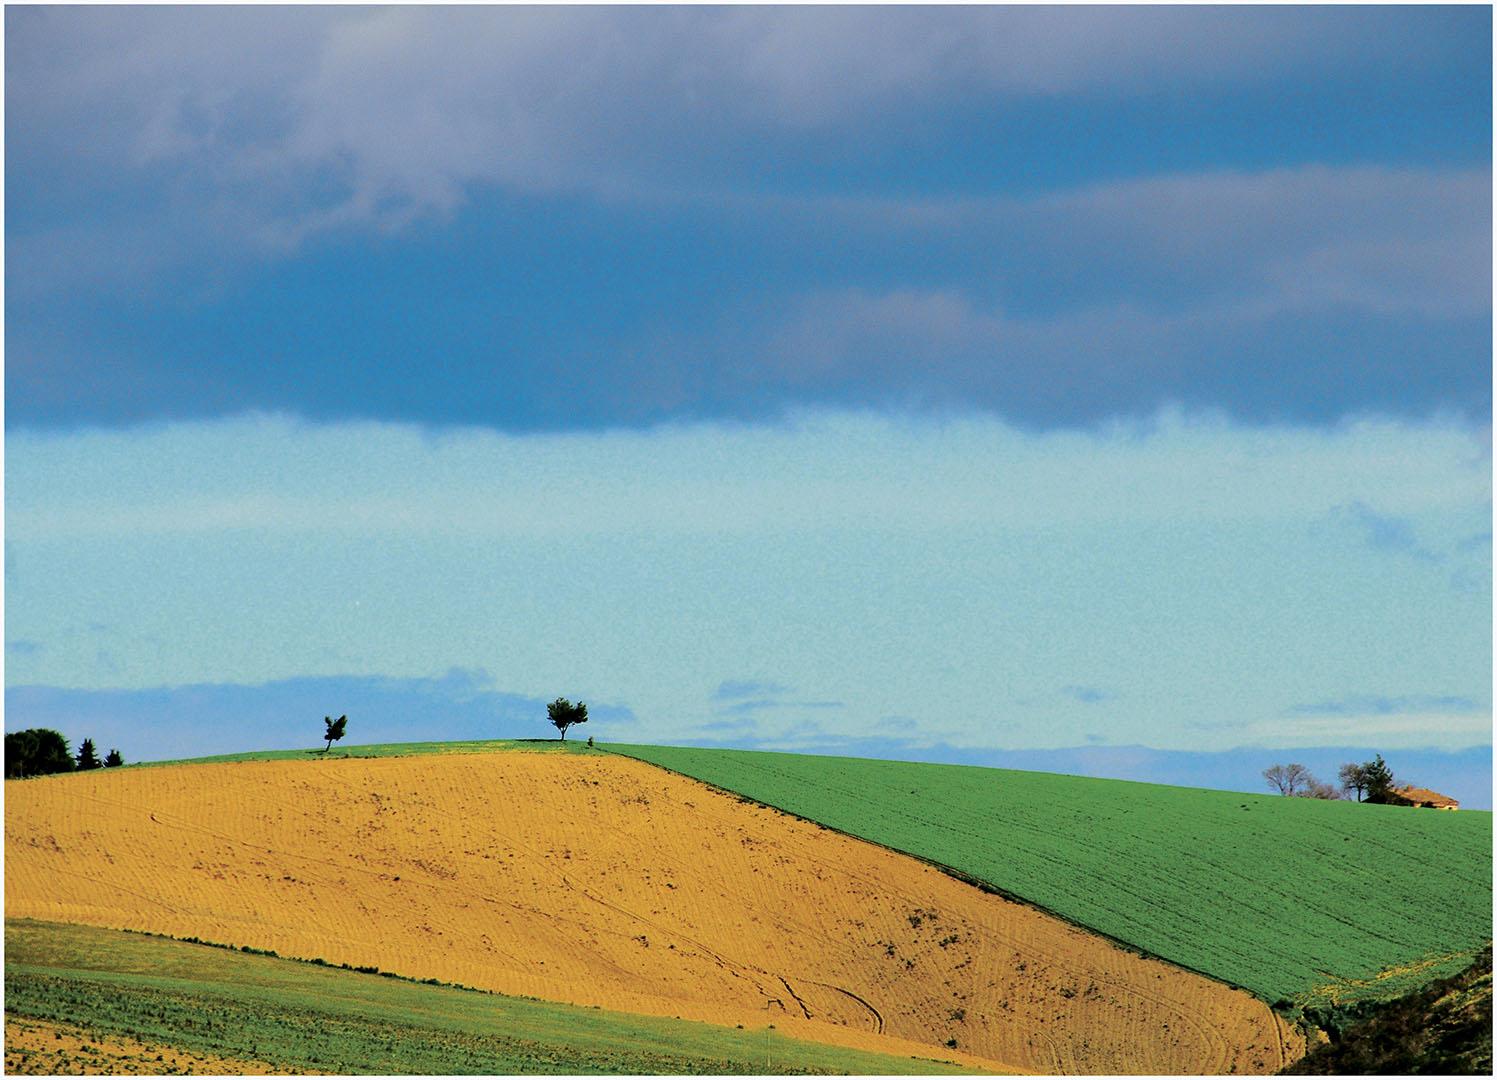 Landscapes_201_I12.1-67